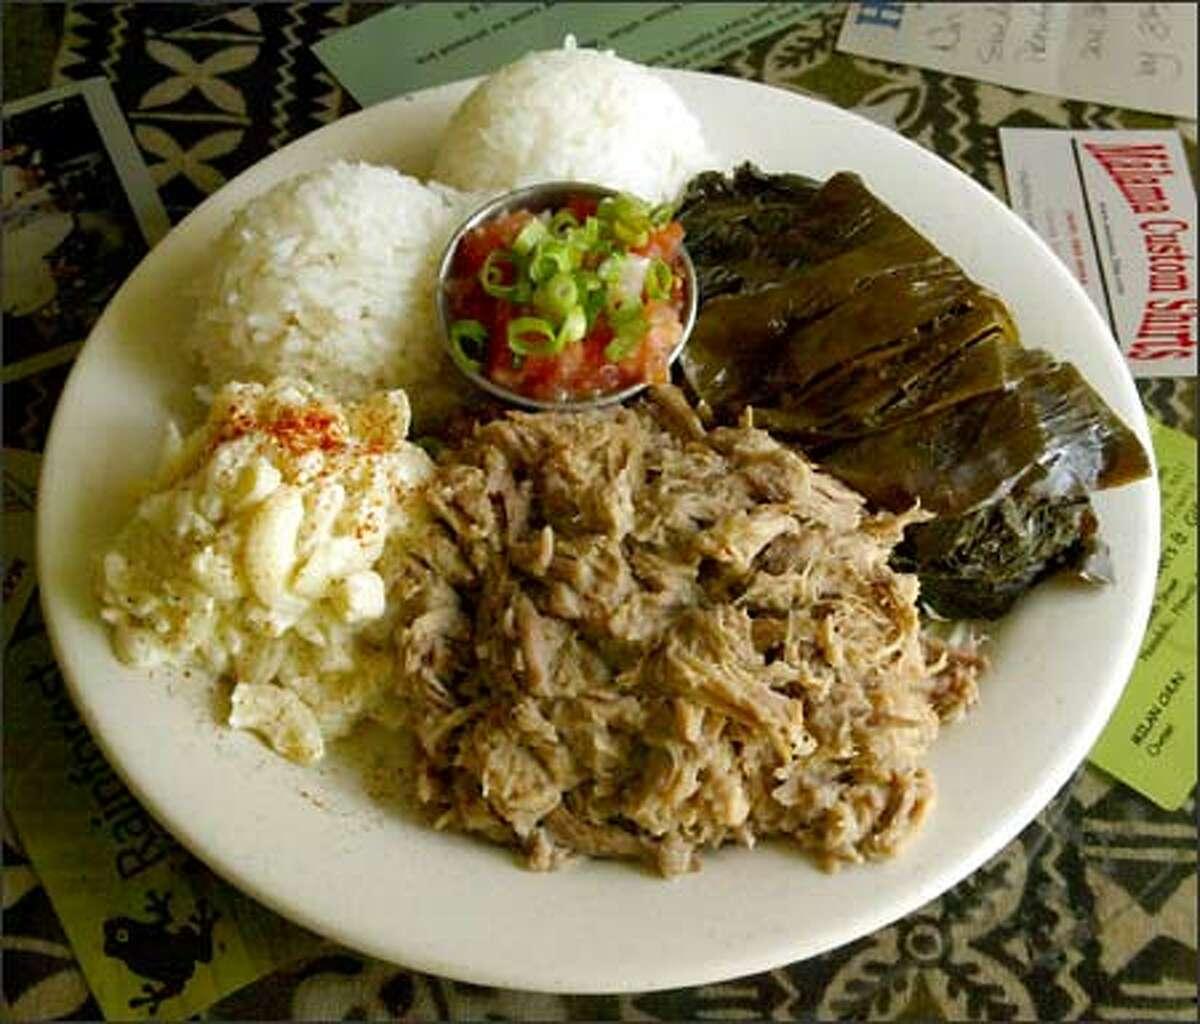 The Combination Lau Lau/Kalua Pork/Lomi Salmon plate at Kauai Family Restaurant is a Hawaiian treat.